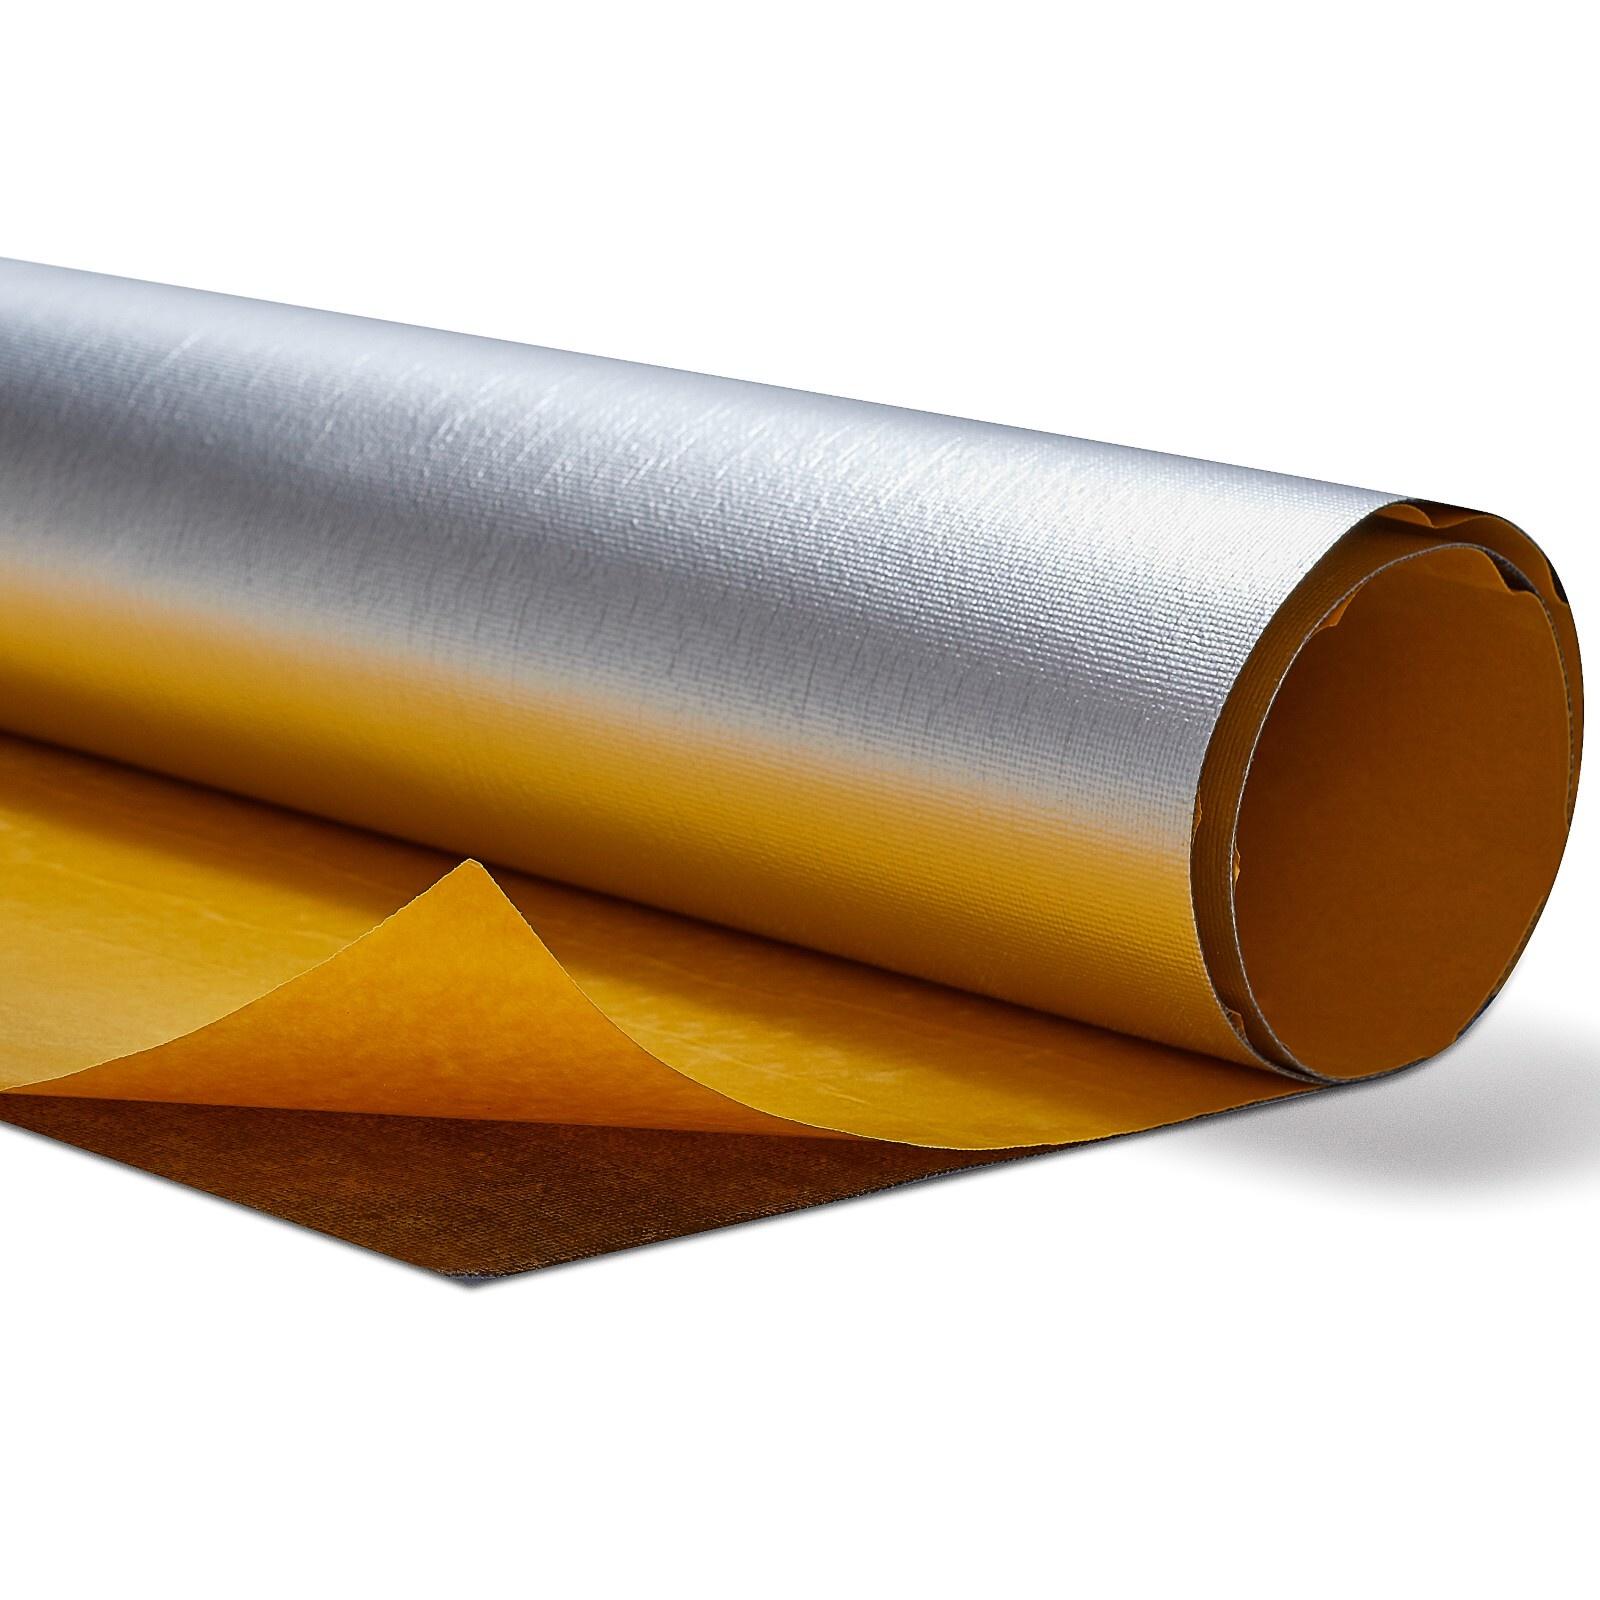 Heat Shieldings 1 m² | 1 mm | PREMIUM Isoliermatte - Selbstklebend und hitzebeständig